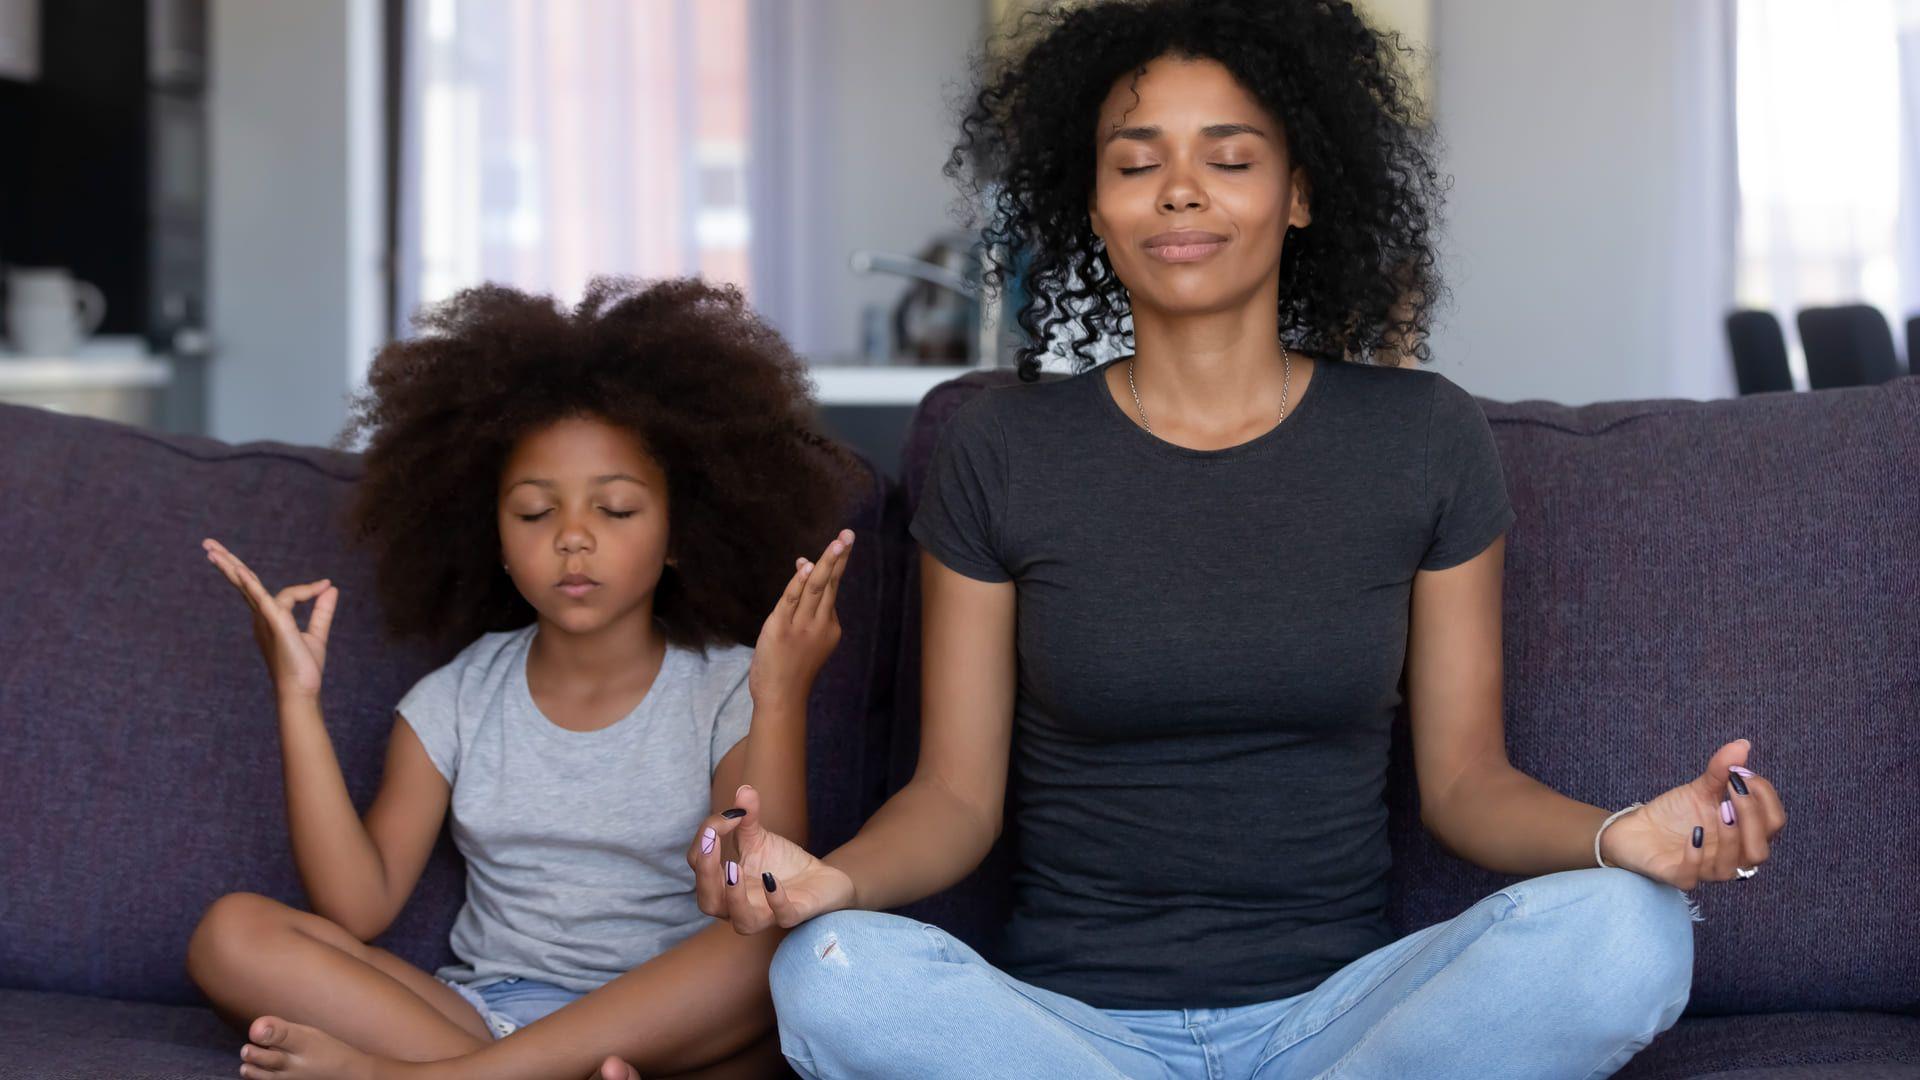 Confira os melhores apps de meditação guiada (Foto: Shutterstock)